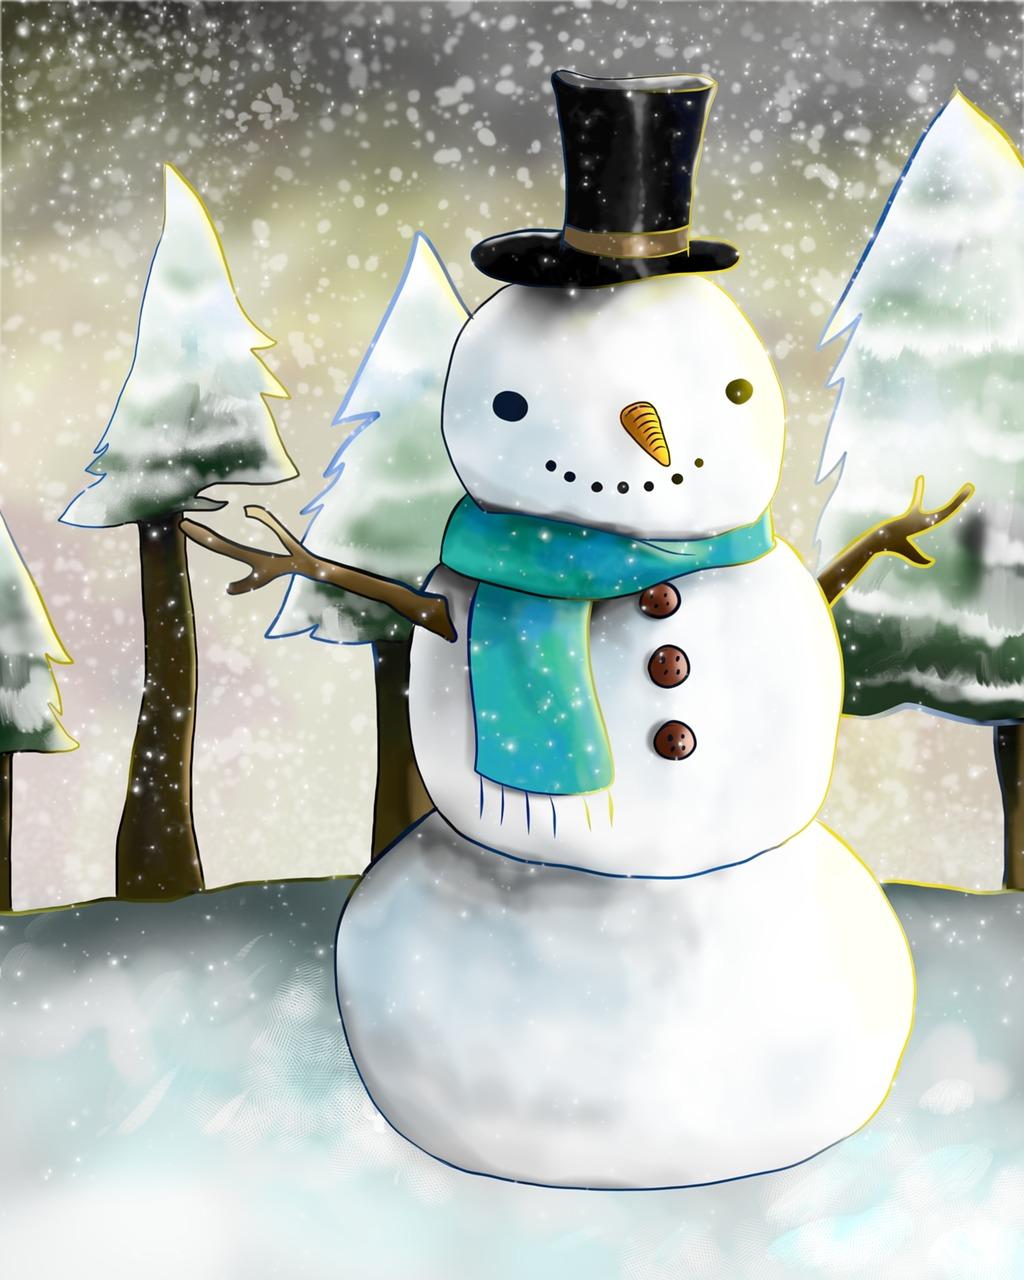 это посмотреть картинки снеговика пожаловать полное солнца